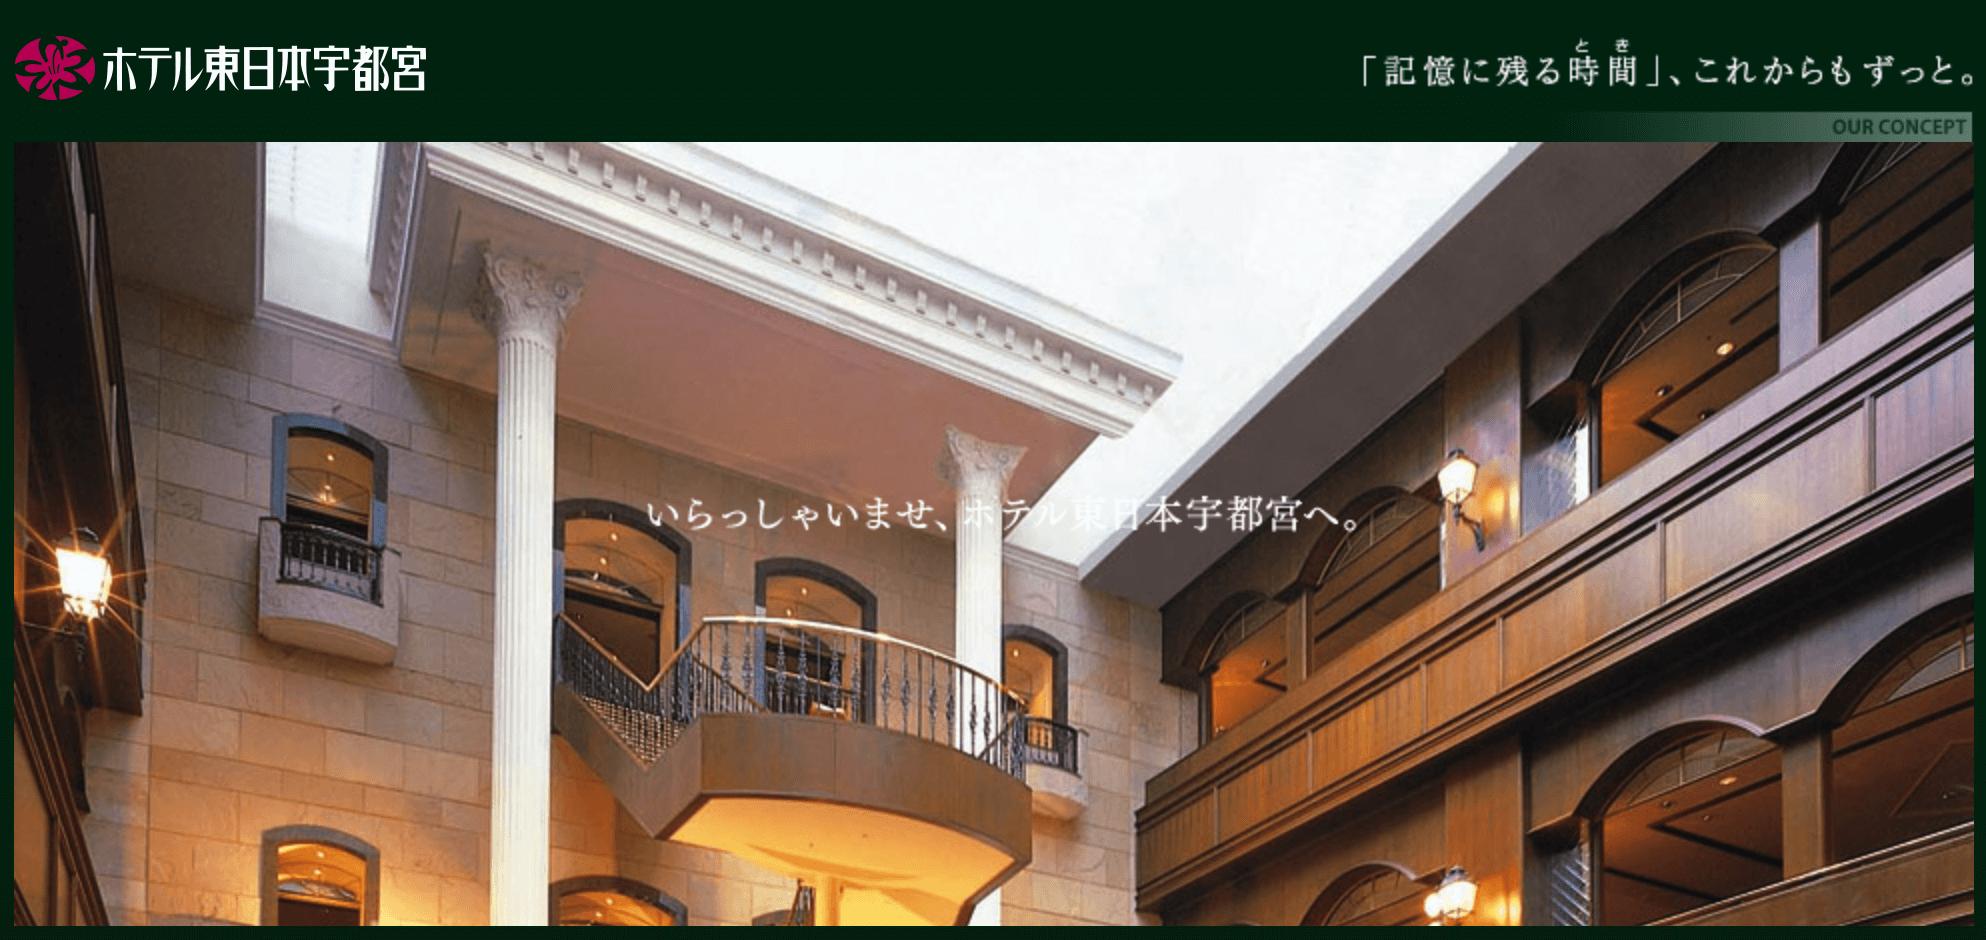 栃木でパパ活におすすめなホテル「ホテル東日本宇都宮」